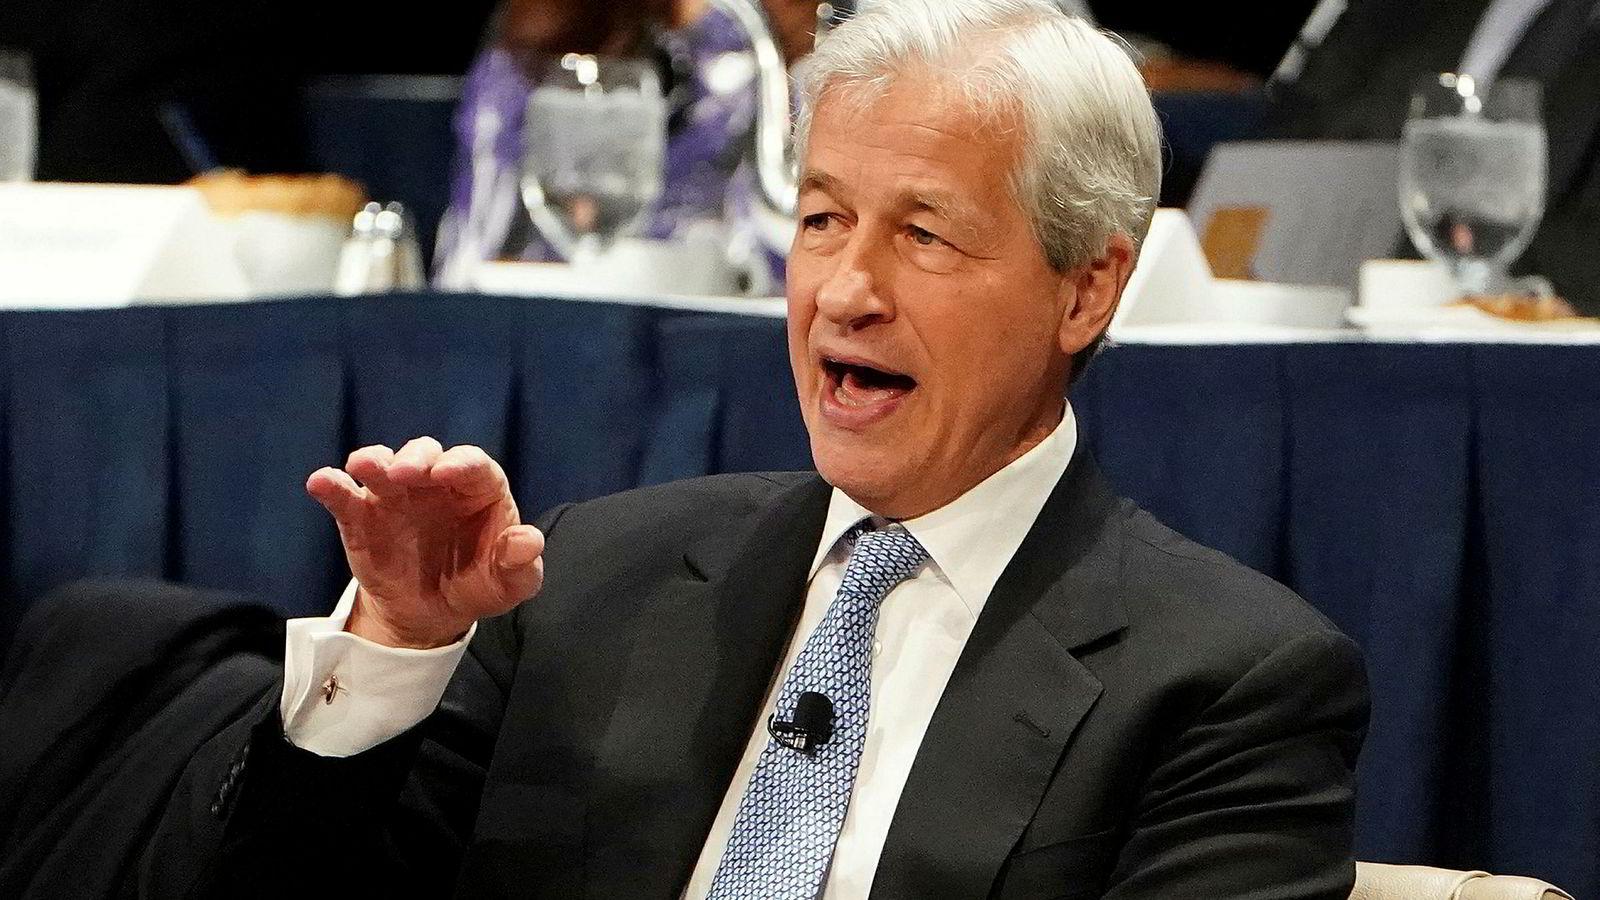 Toppsjefen for den amerikanske storbanken JPMorgan Chase, Jamie Dimon, frykter konsekvensene for verdensøkonomien hvis Kina går på en vekstsmell.